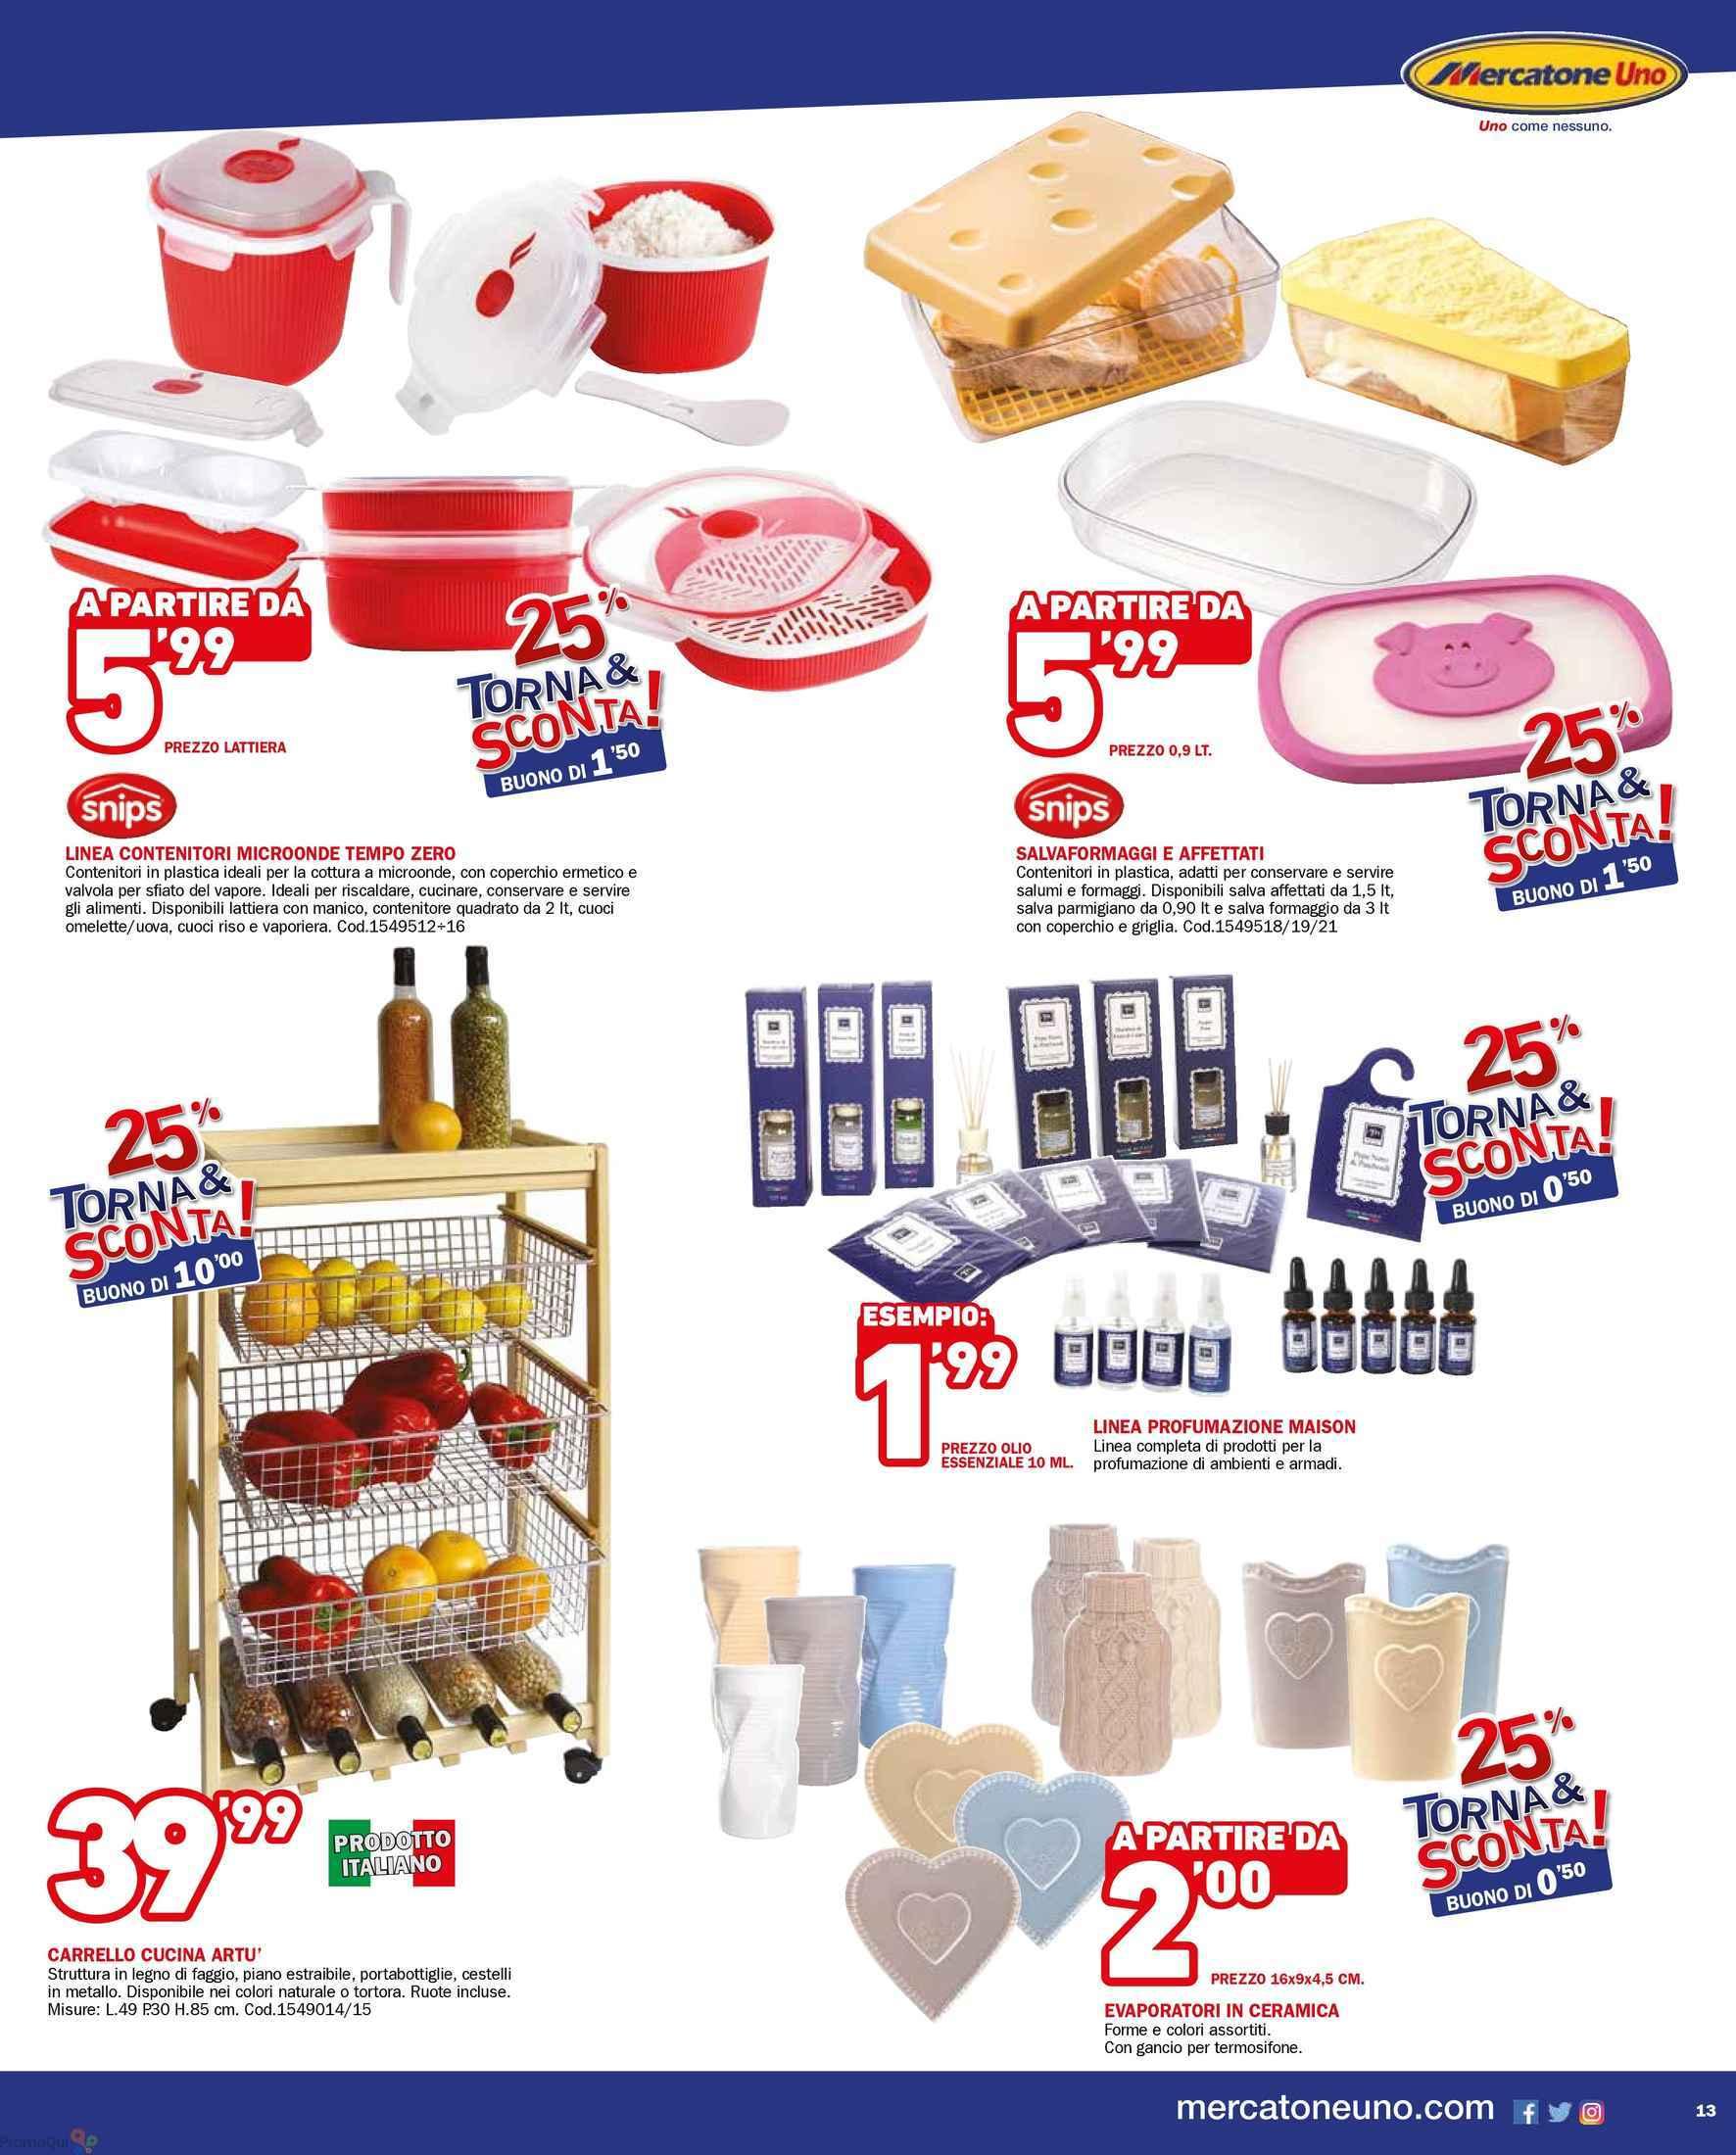 Carrelli Da Cucina Mercatone Uno. Best Carrelli Da Cucina Mercatone ...